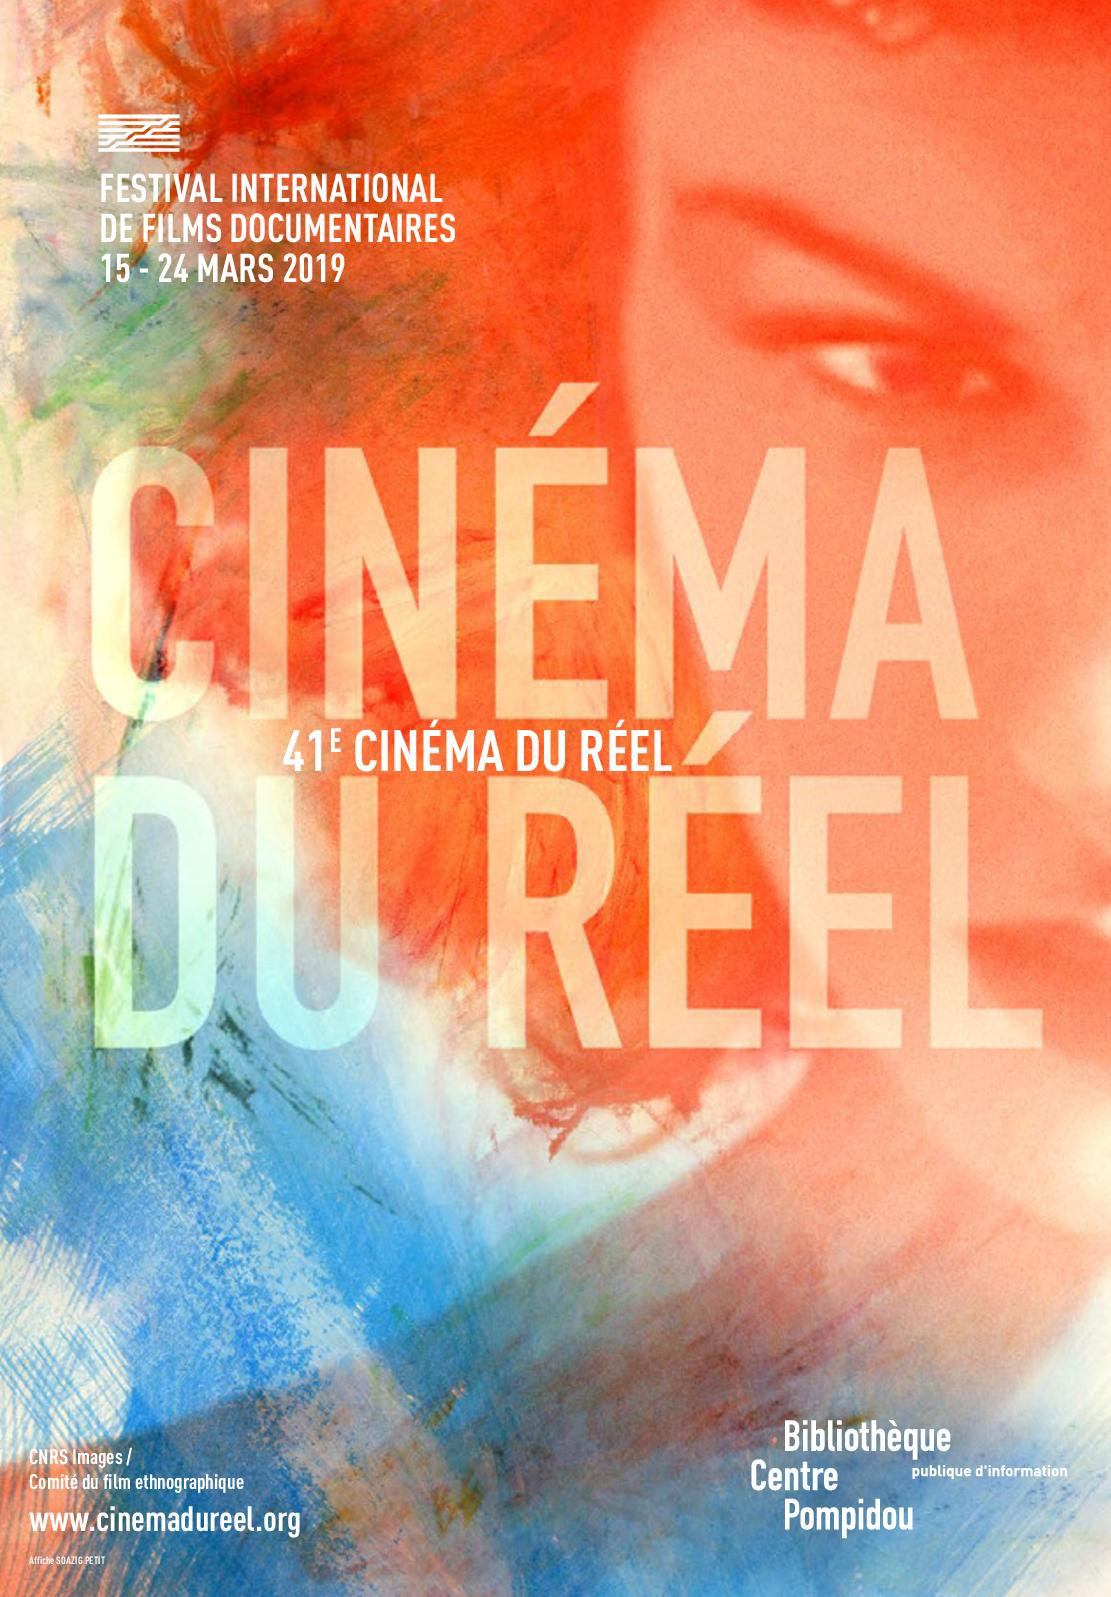 Lady Chatelet Et L'homme Des Bois Film Complet 2006 Youtube : chatelet, l'homme, complet, youtube, Calaméo, Catalogue, Cinéma, Réel